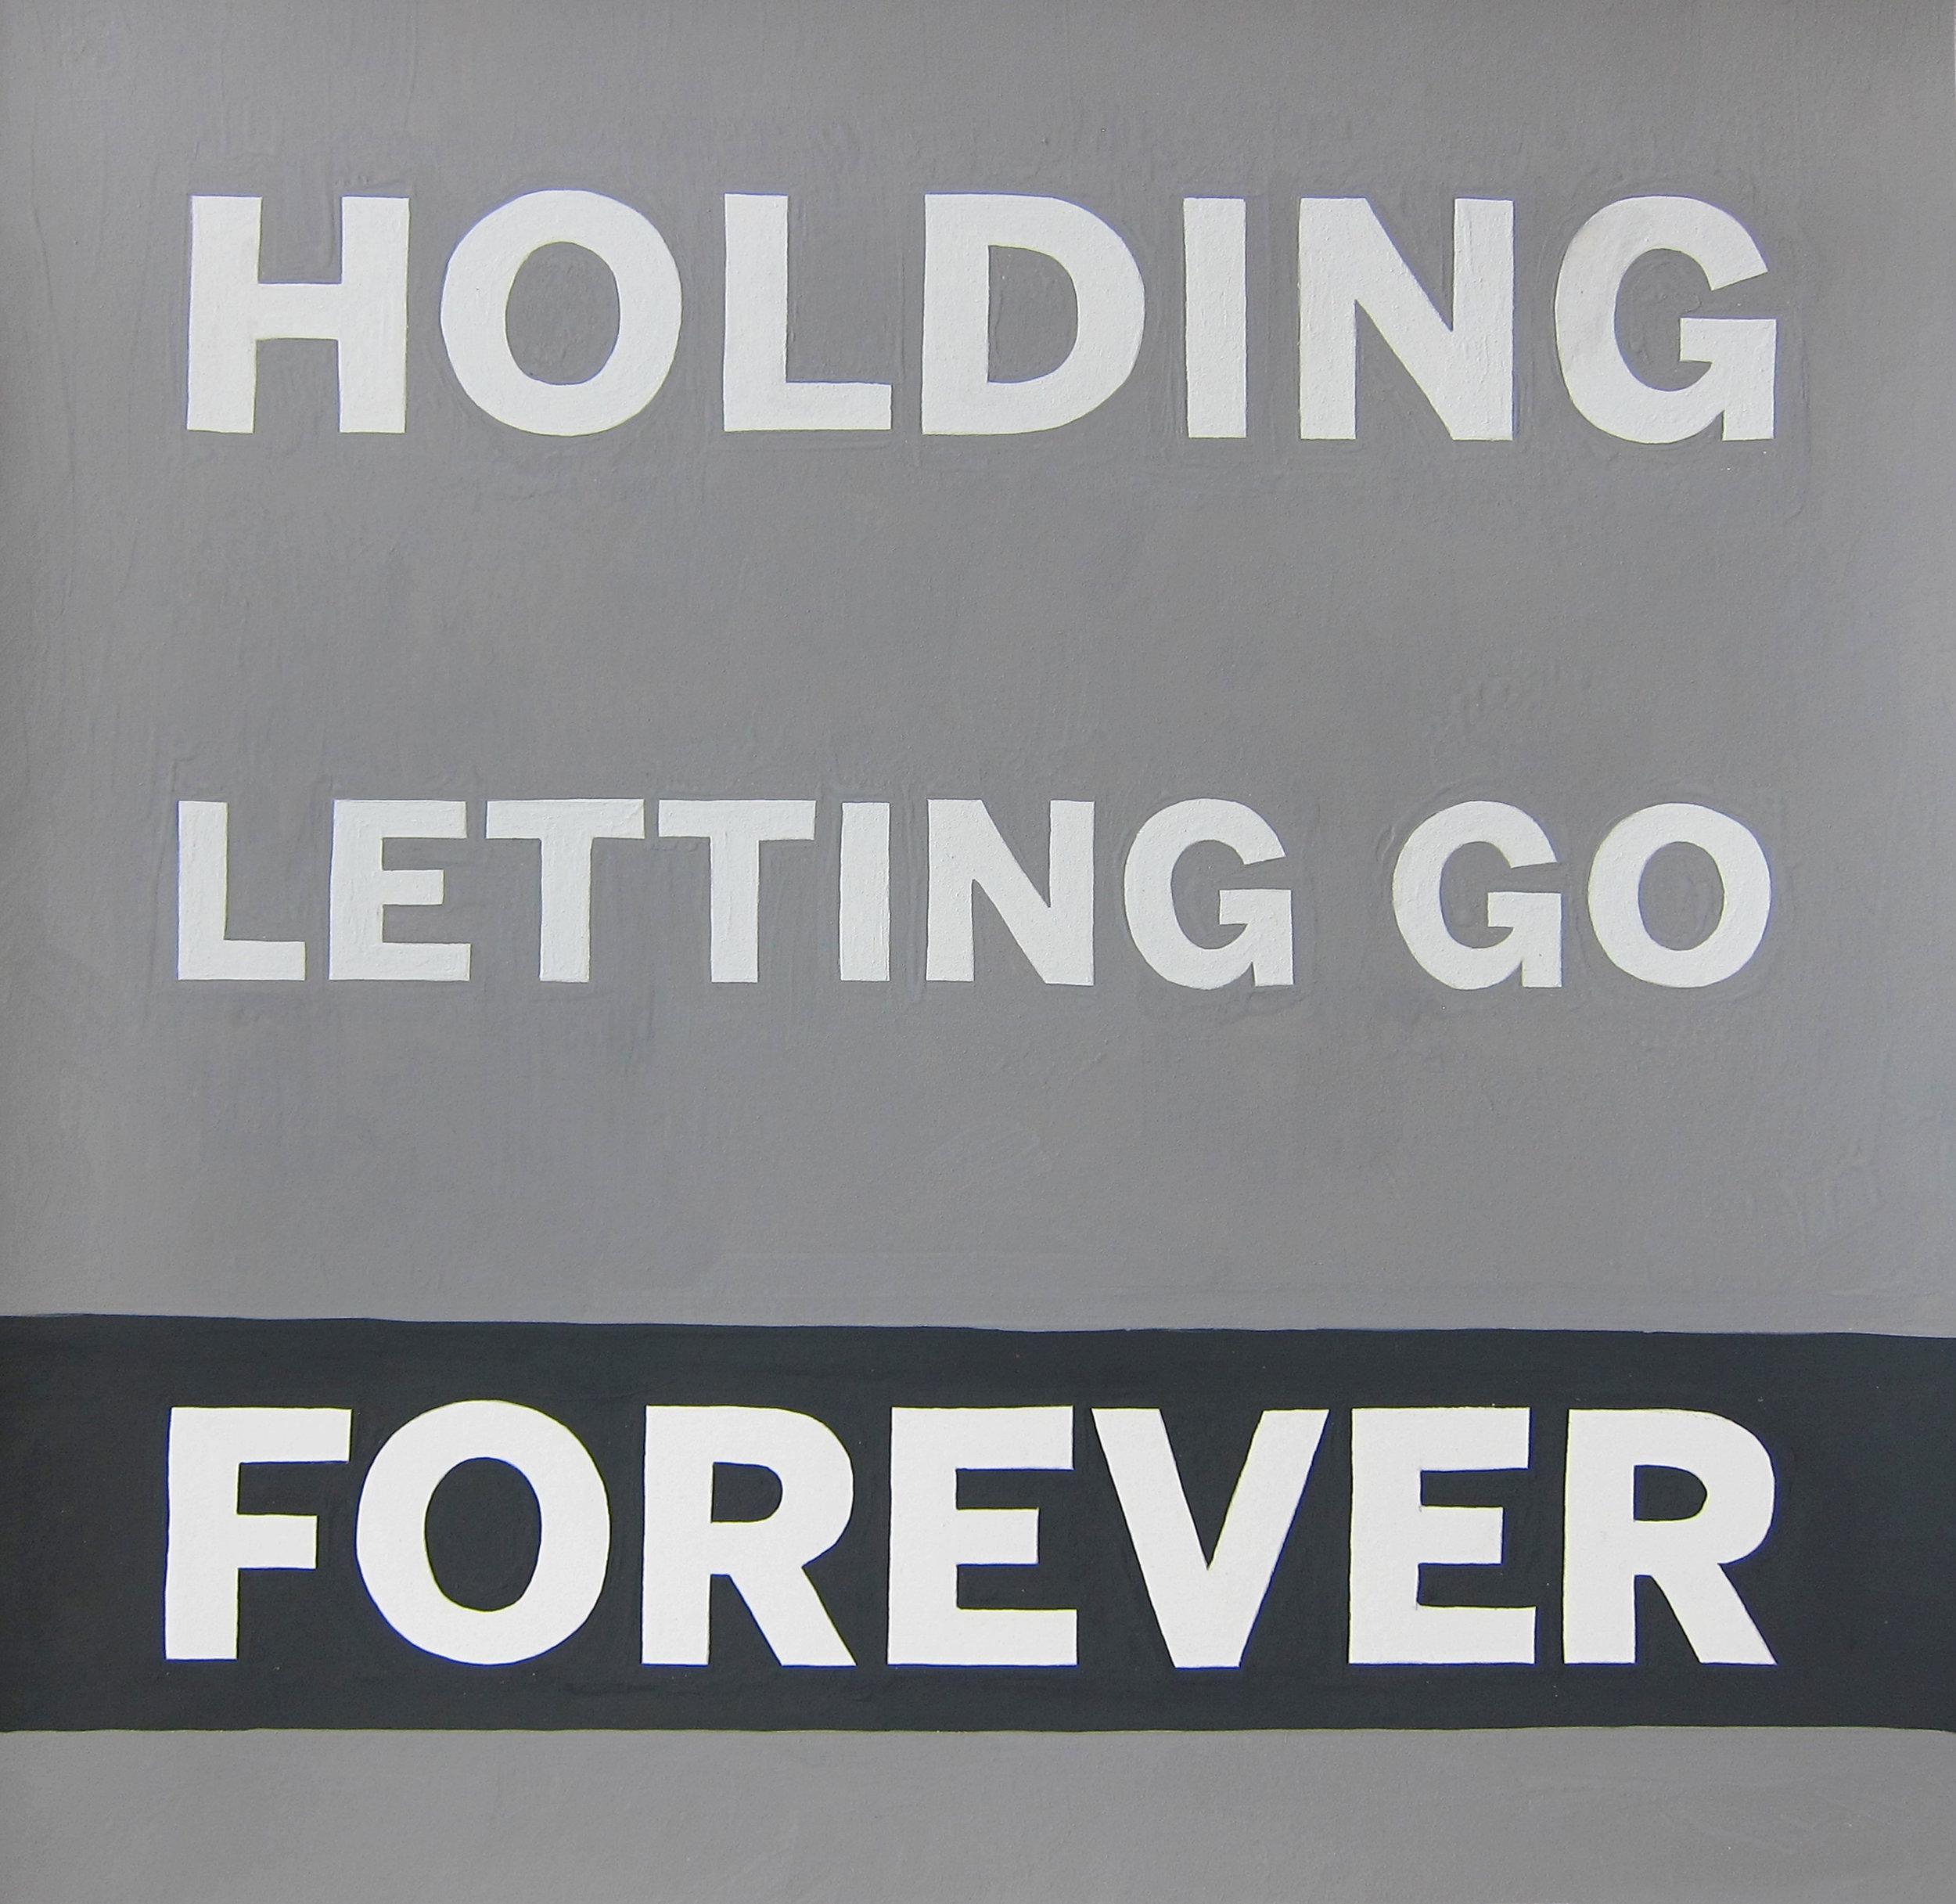 HOLDING LETTING GO FOREVER